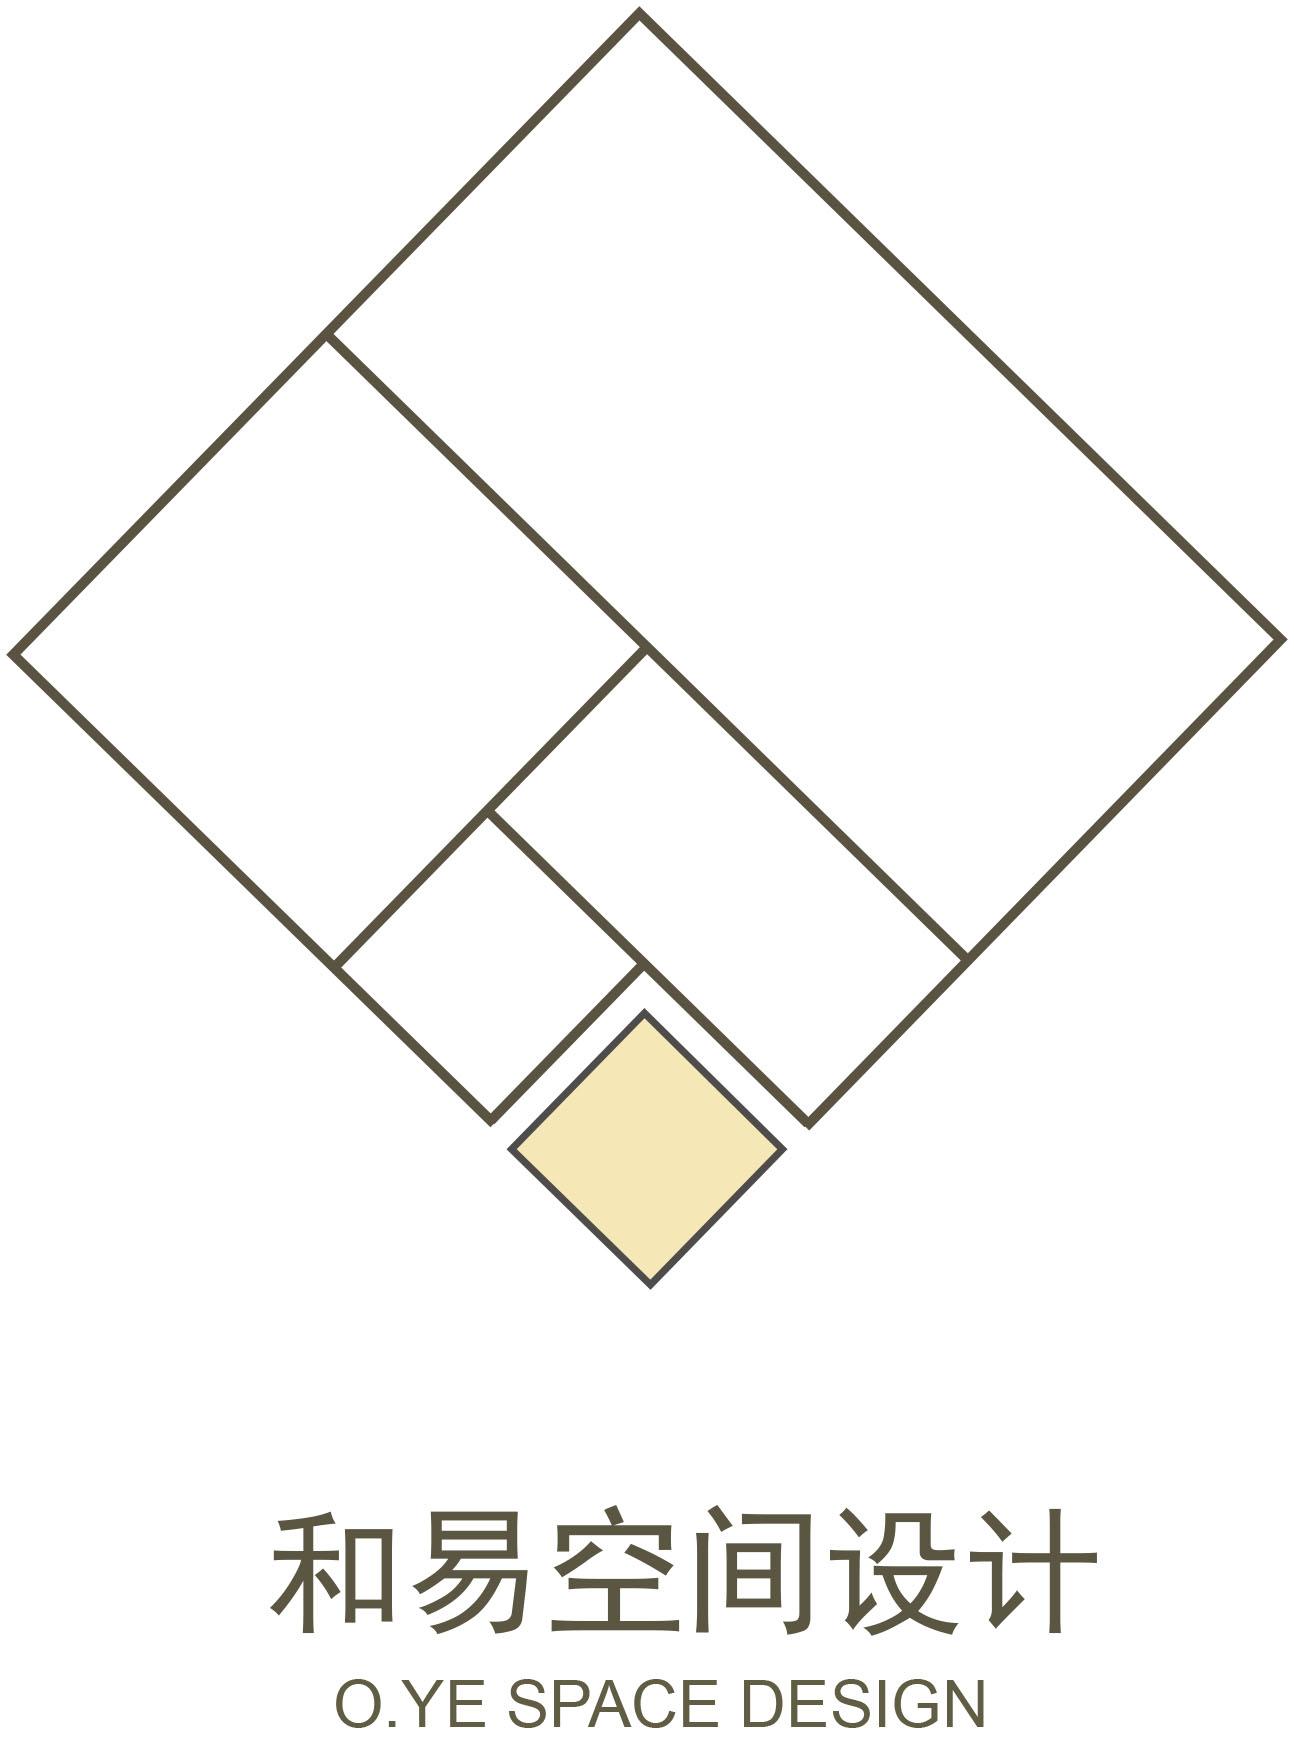 宁波和易空间装饰设计有限公司